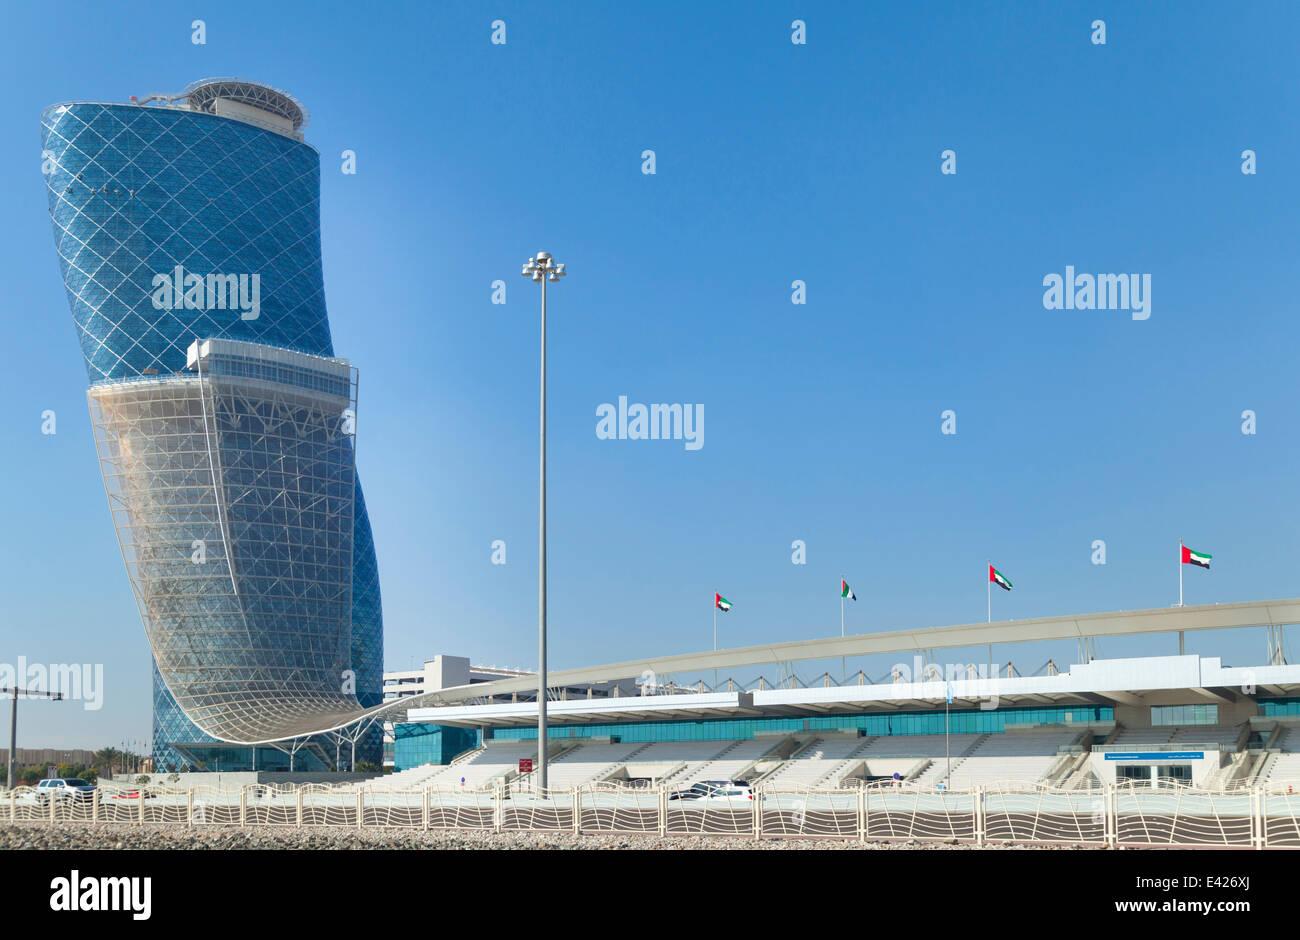 Abu Dhabi National Exhibitions Center, United Arab Emirates Stock Photo